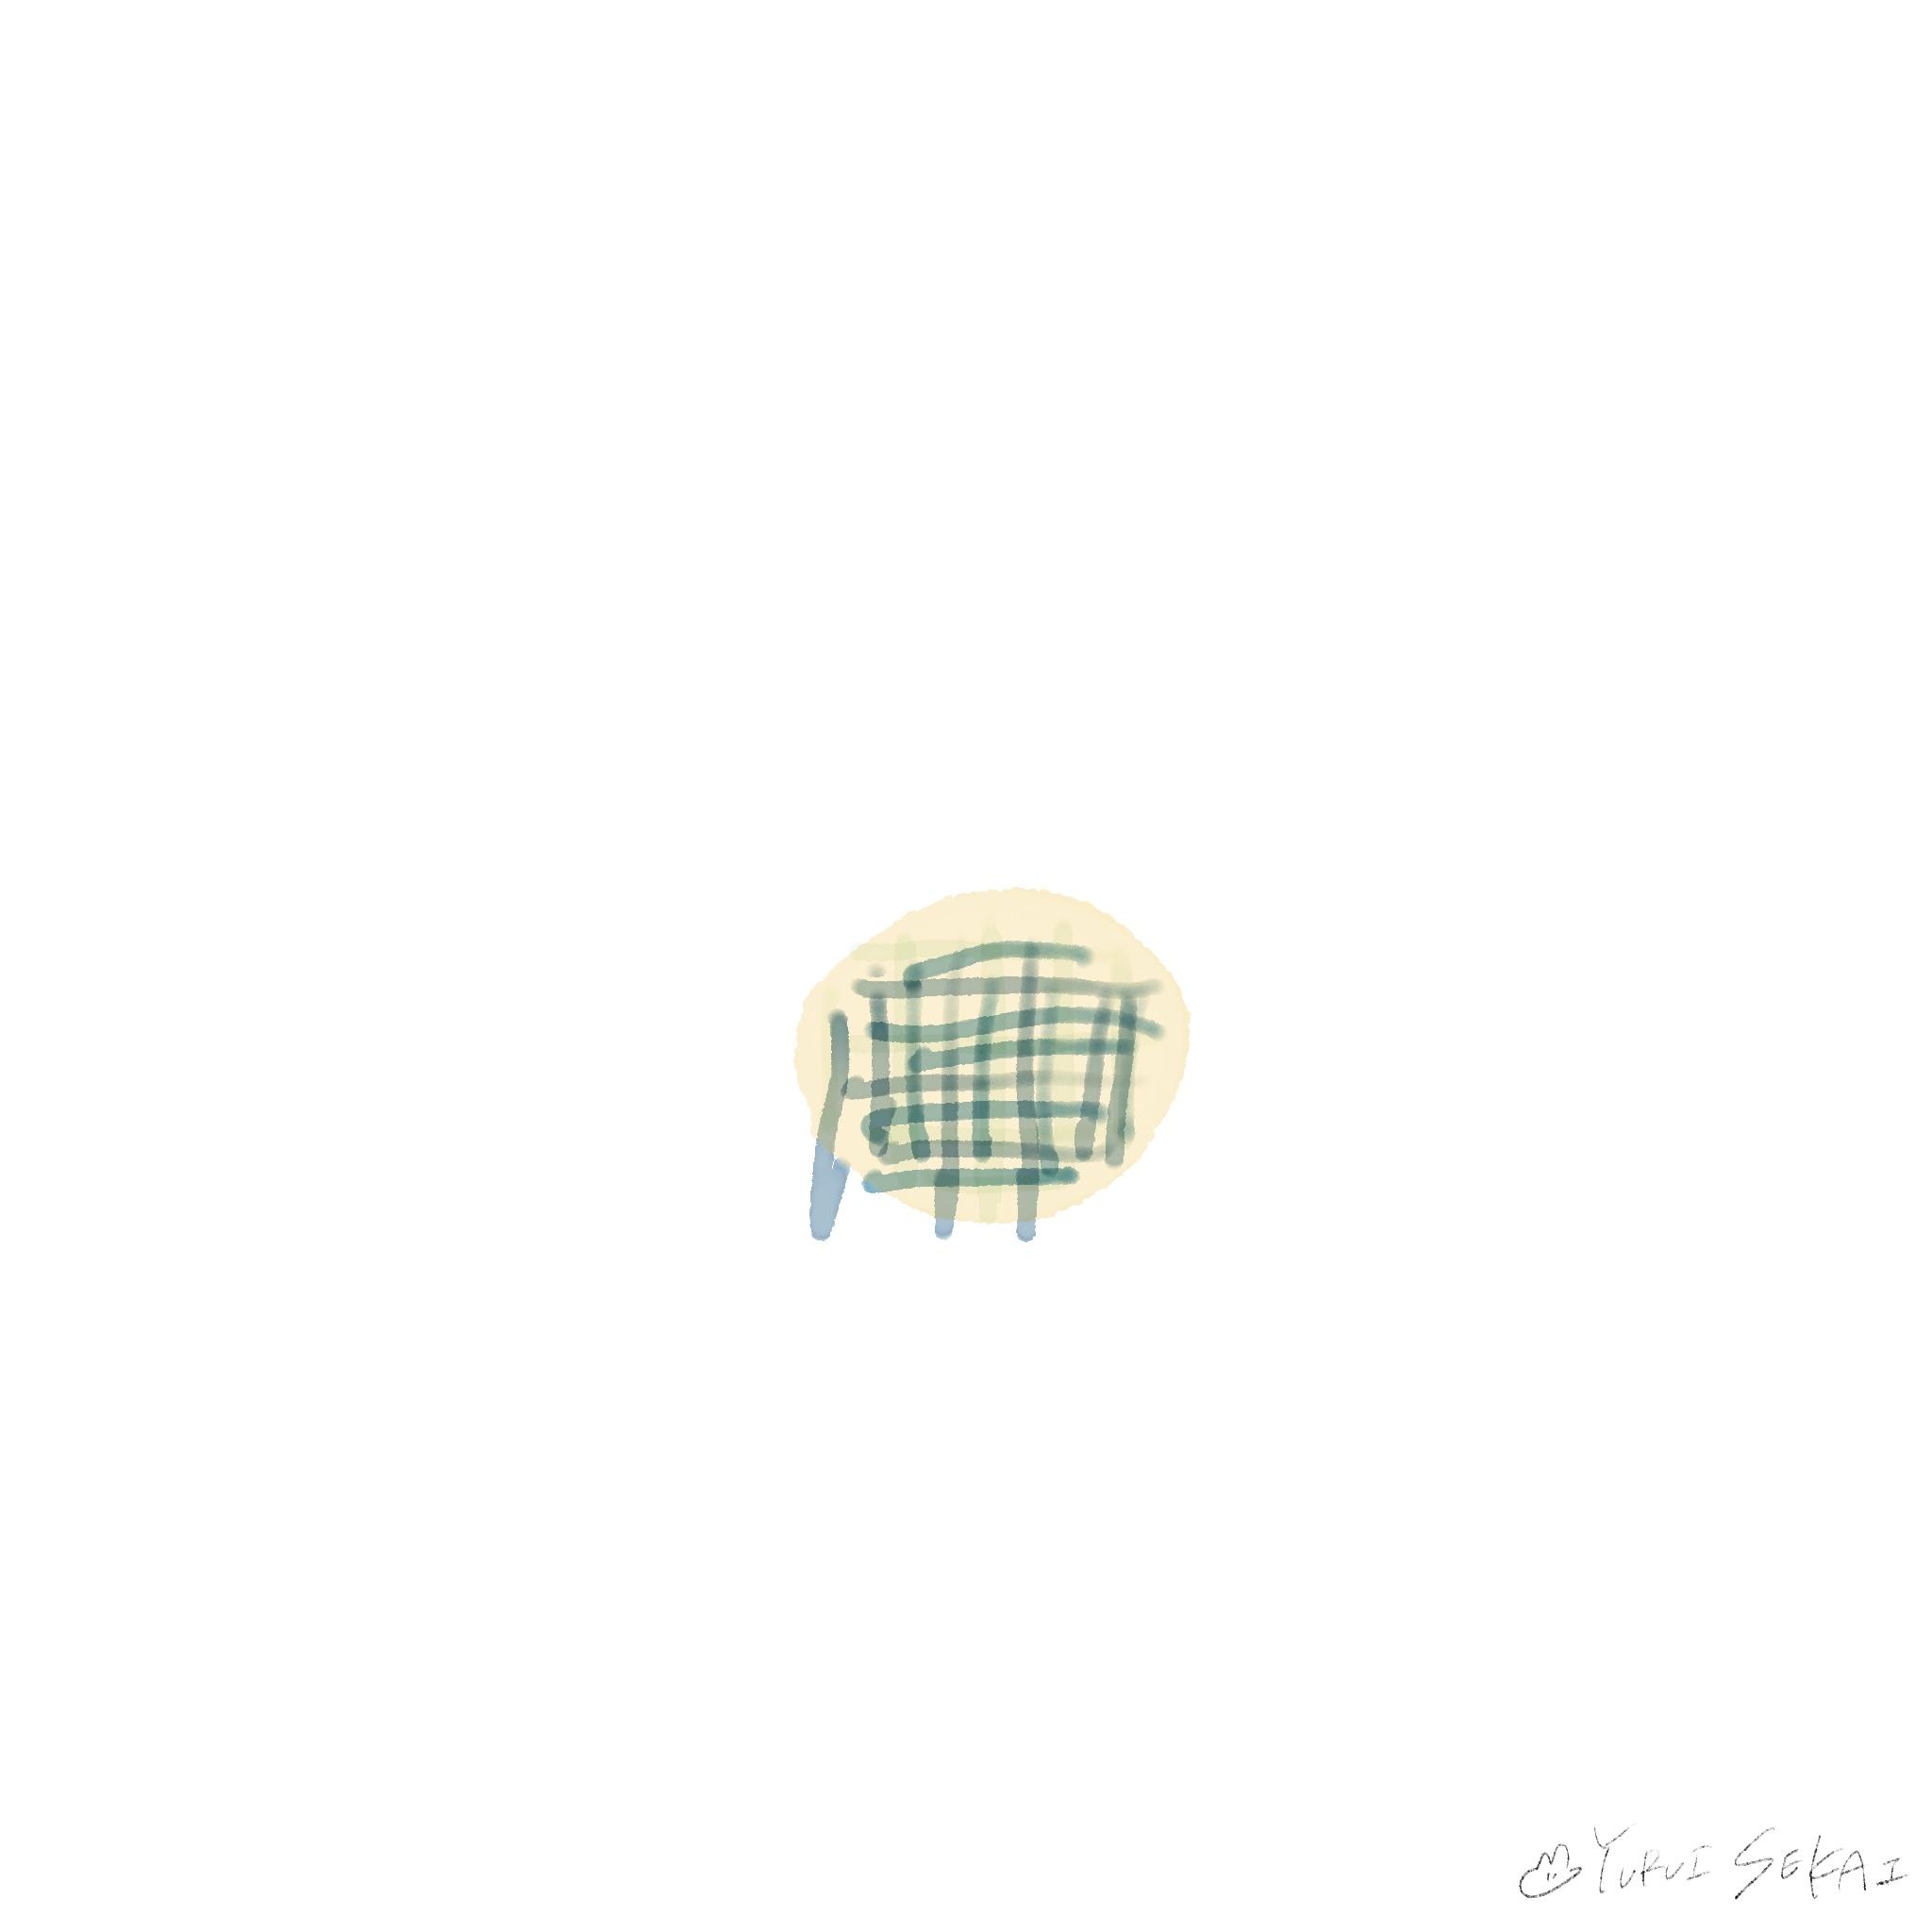 【フリー素材】ゆるいせかいのちいさなイラストをまとめました【ゆるいイラスト】不思議な色合い